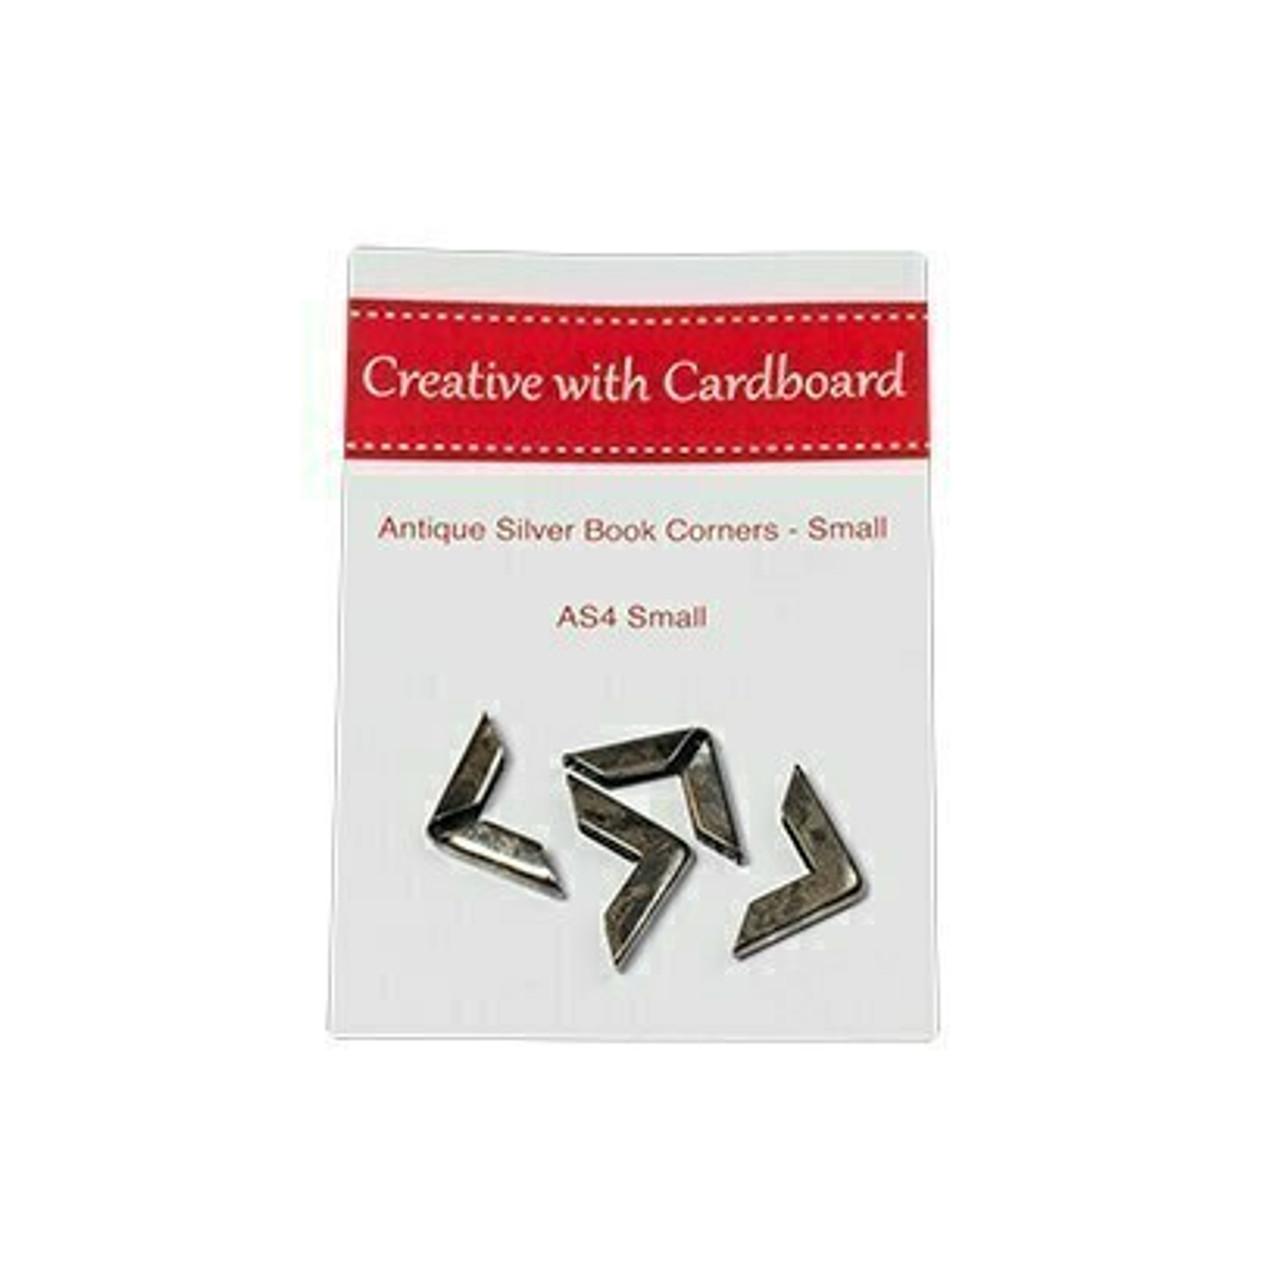 Rinske Stevens Designs: Antique Silver Book Corners Small